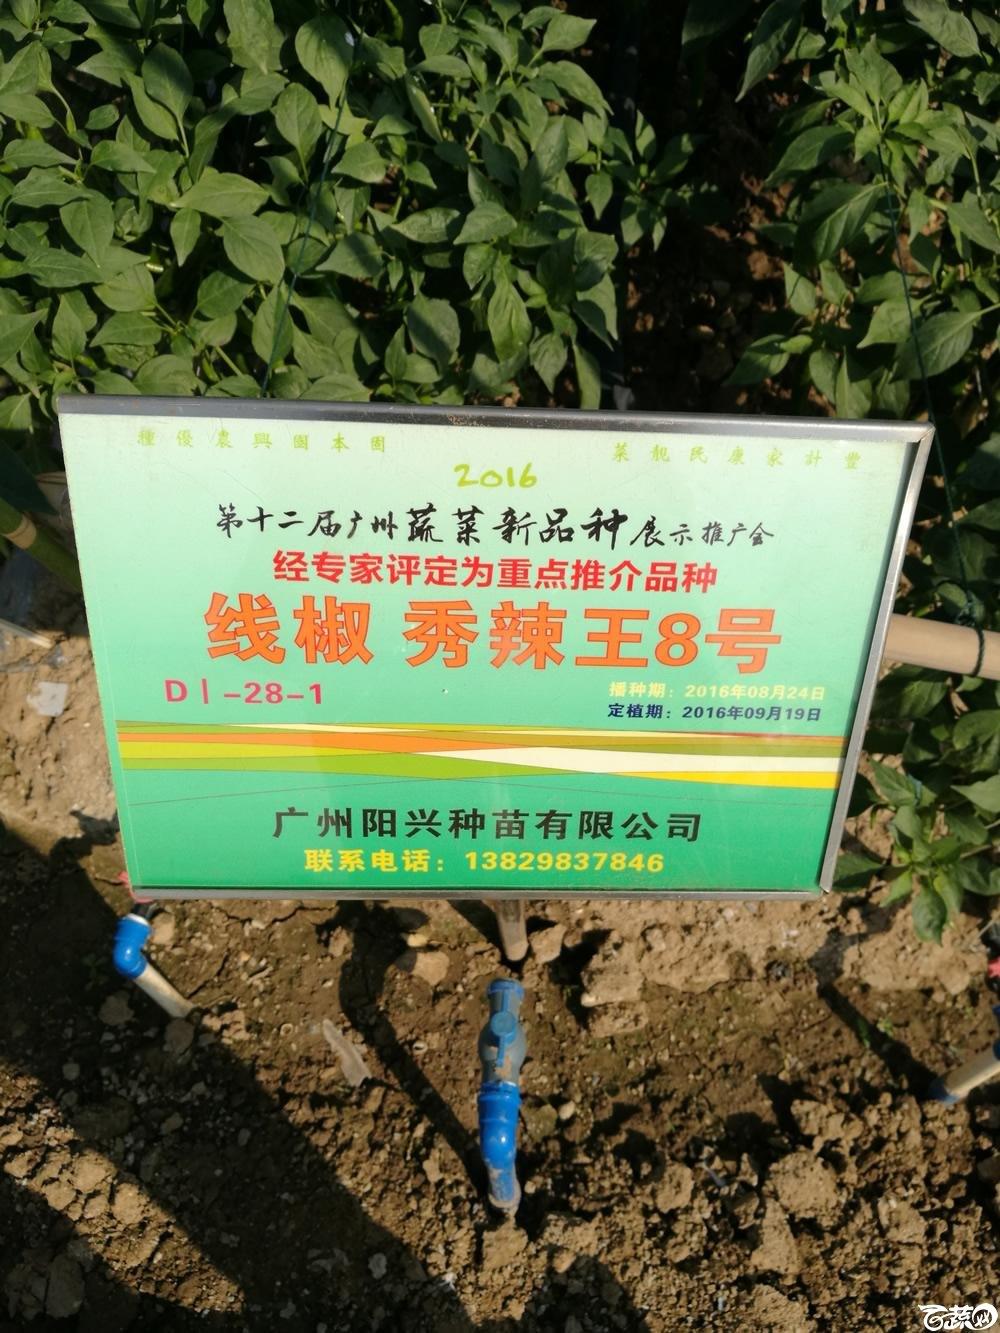 广州阳兴种苗公司秀辣王8号,,第十二届广州蔬菜展示会专家重点推荐品种_001.jpg